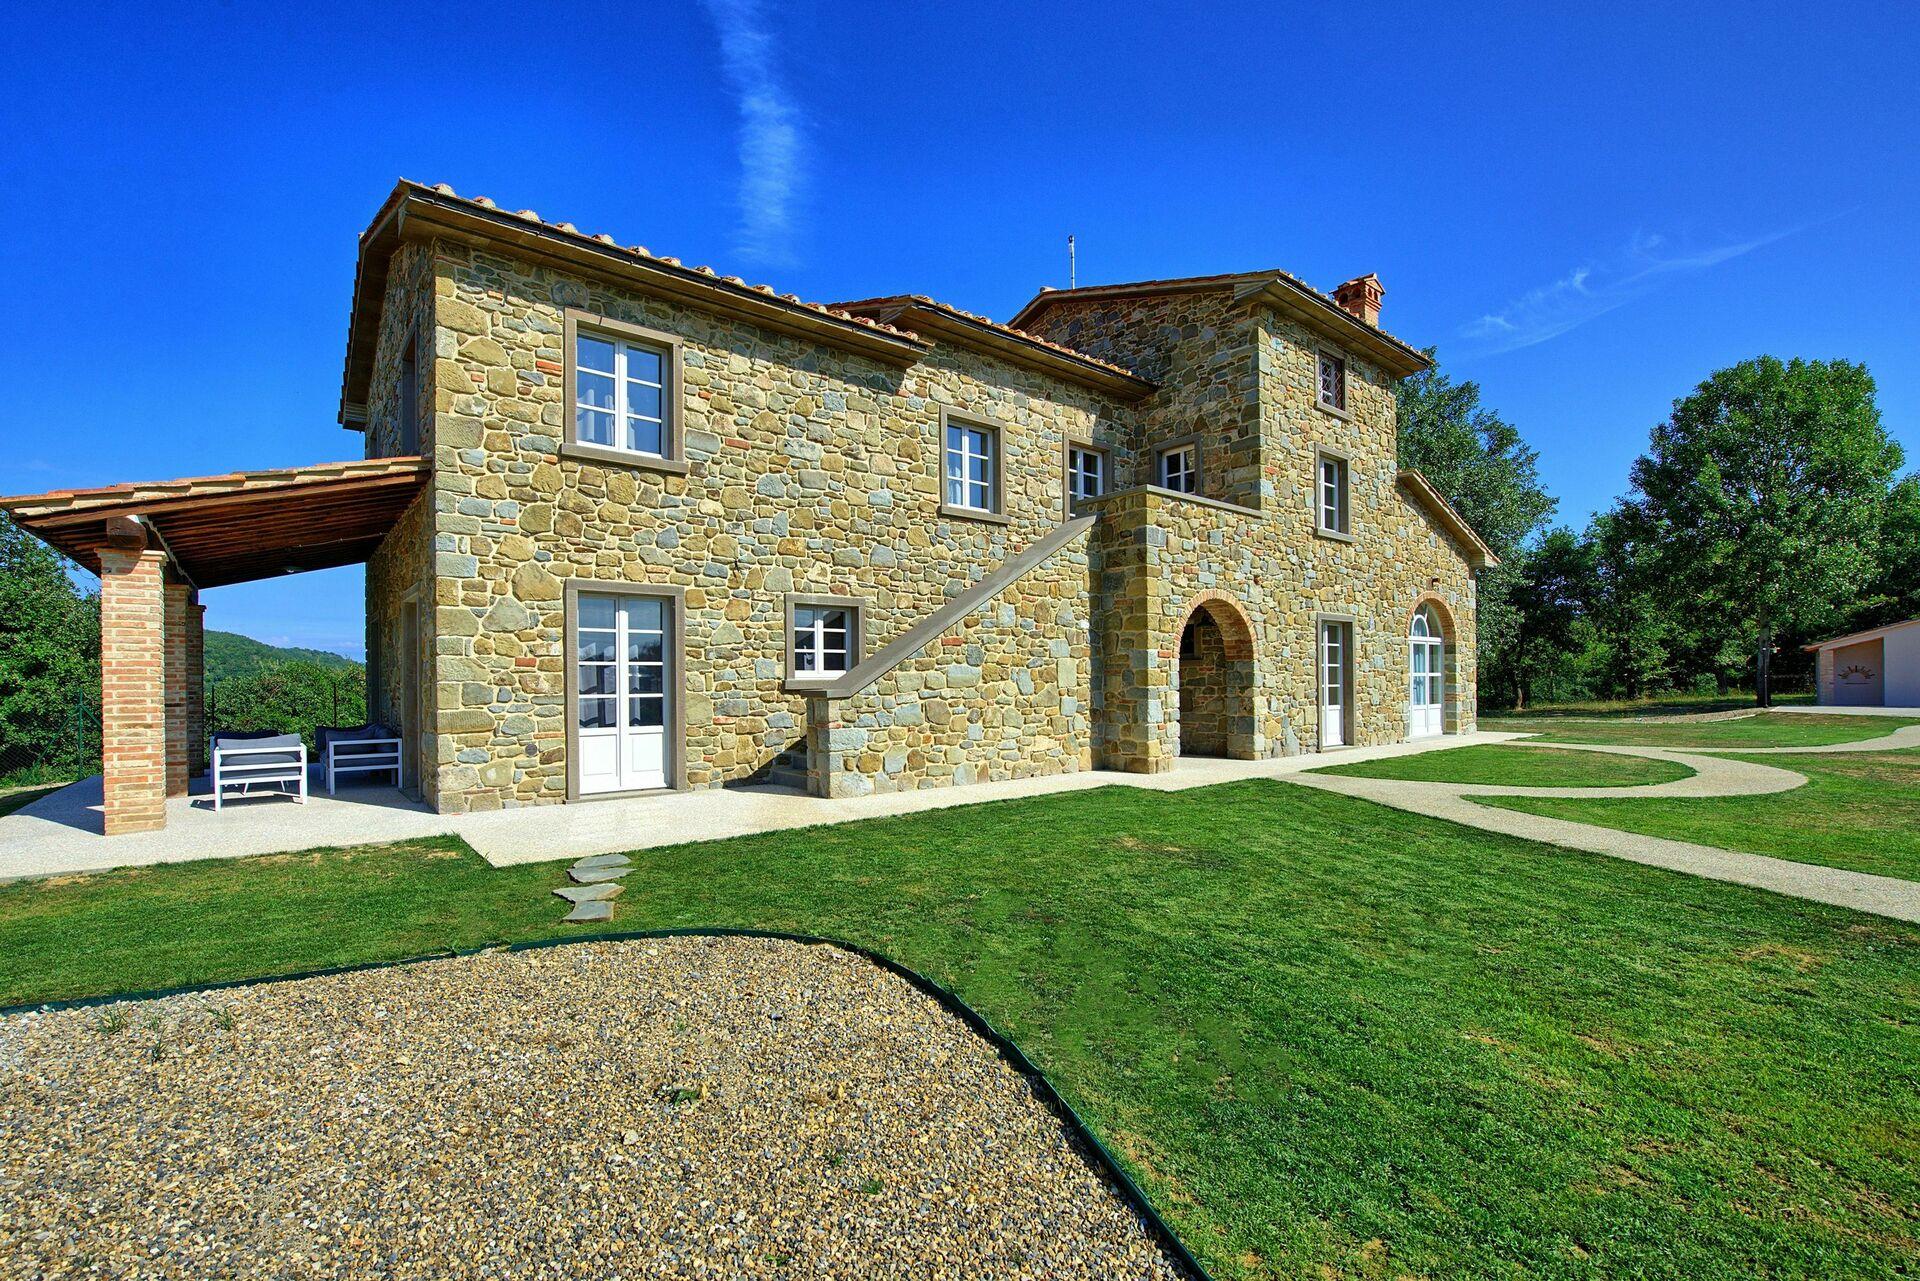 Villa giacomo luxe vakantiehuis in castiglion fiorentino toscane